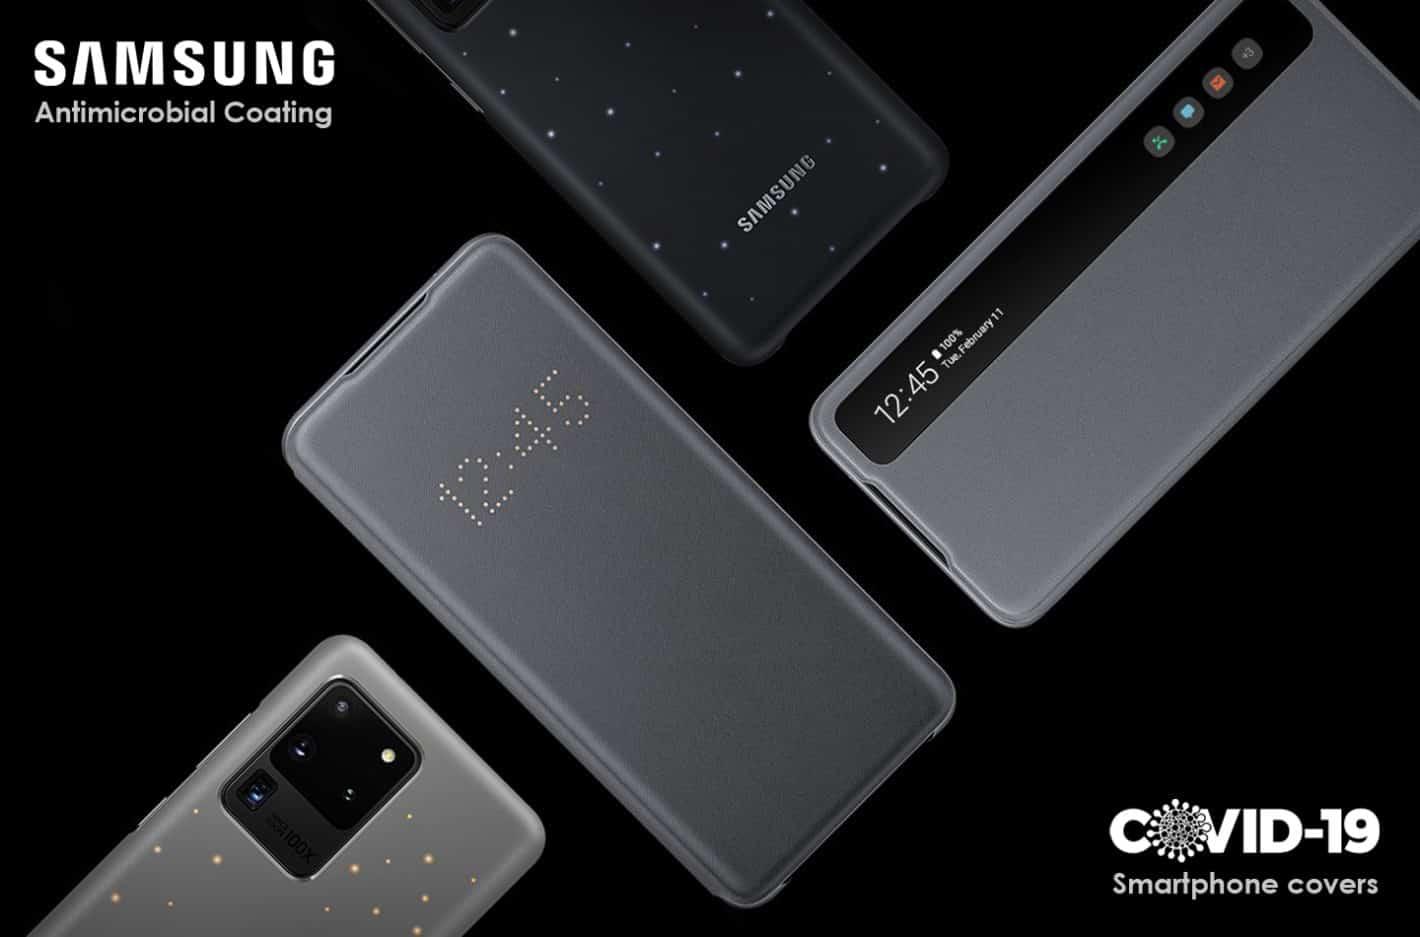 Samsung запатентовала антимикробное покрытие для чехлов на смартфоны (samsung antimicrobial coating cases patent 1420x937 1)